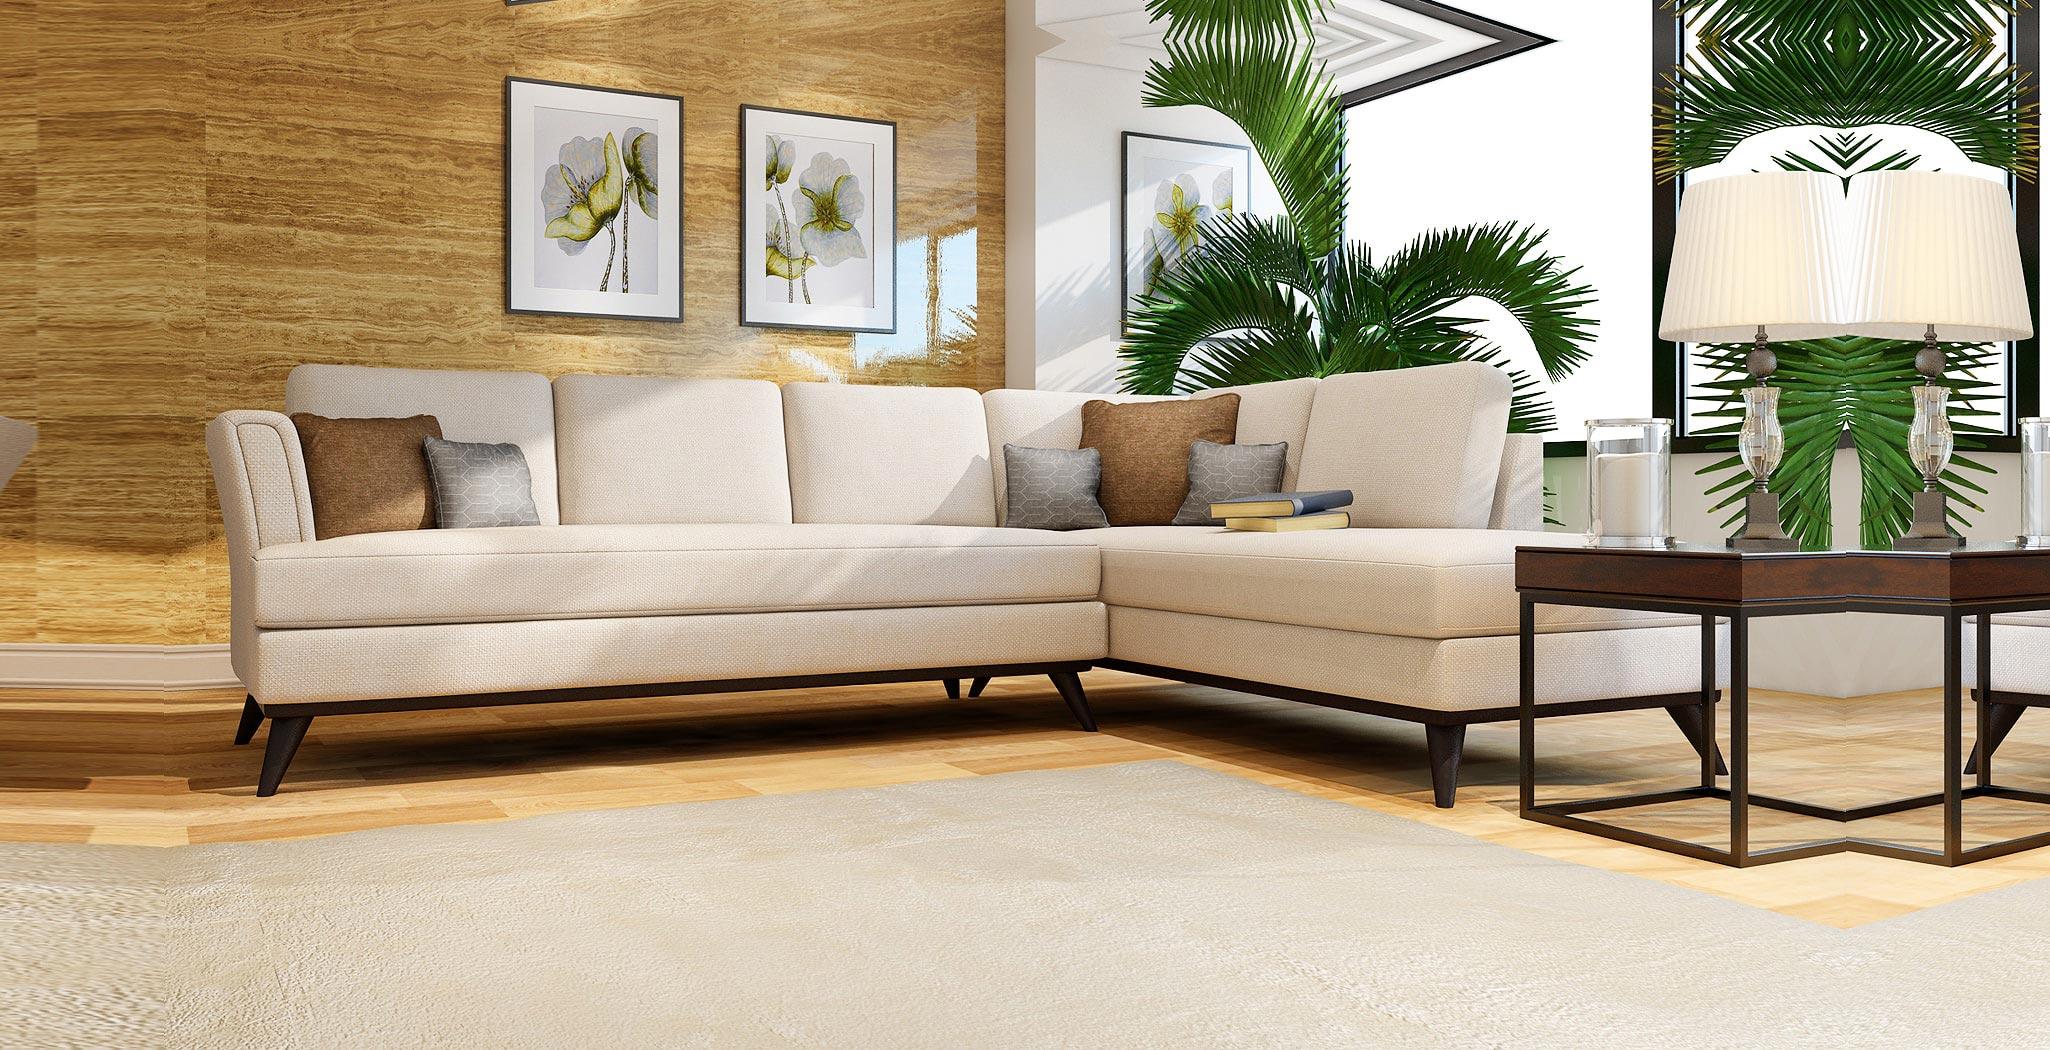 antalya panel furniture gallery 1